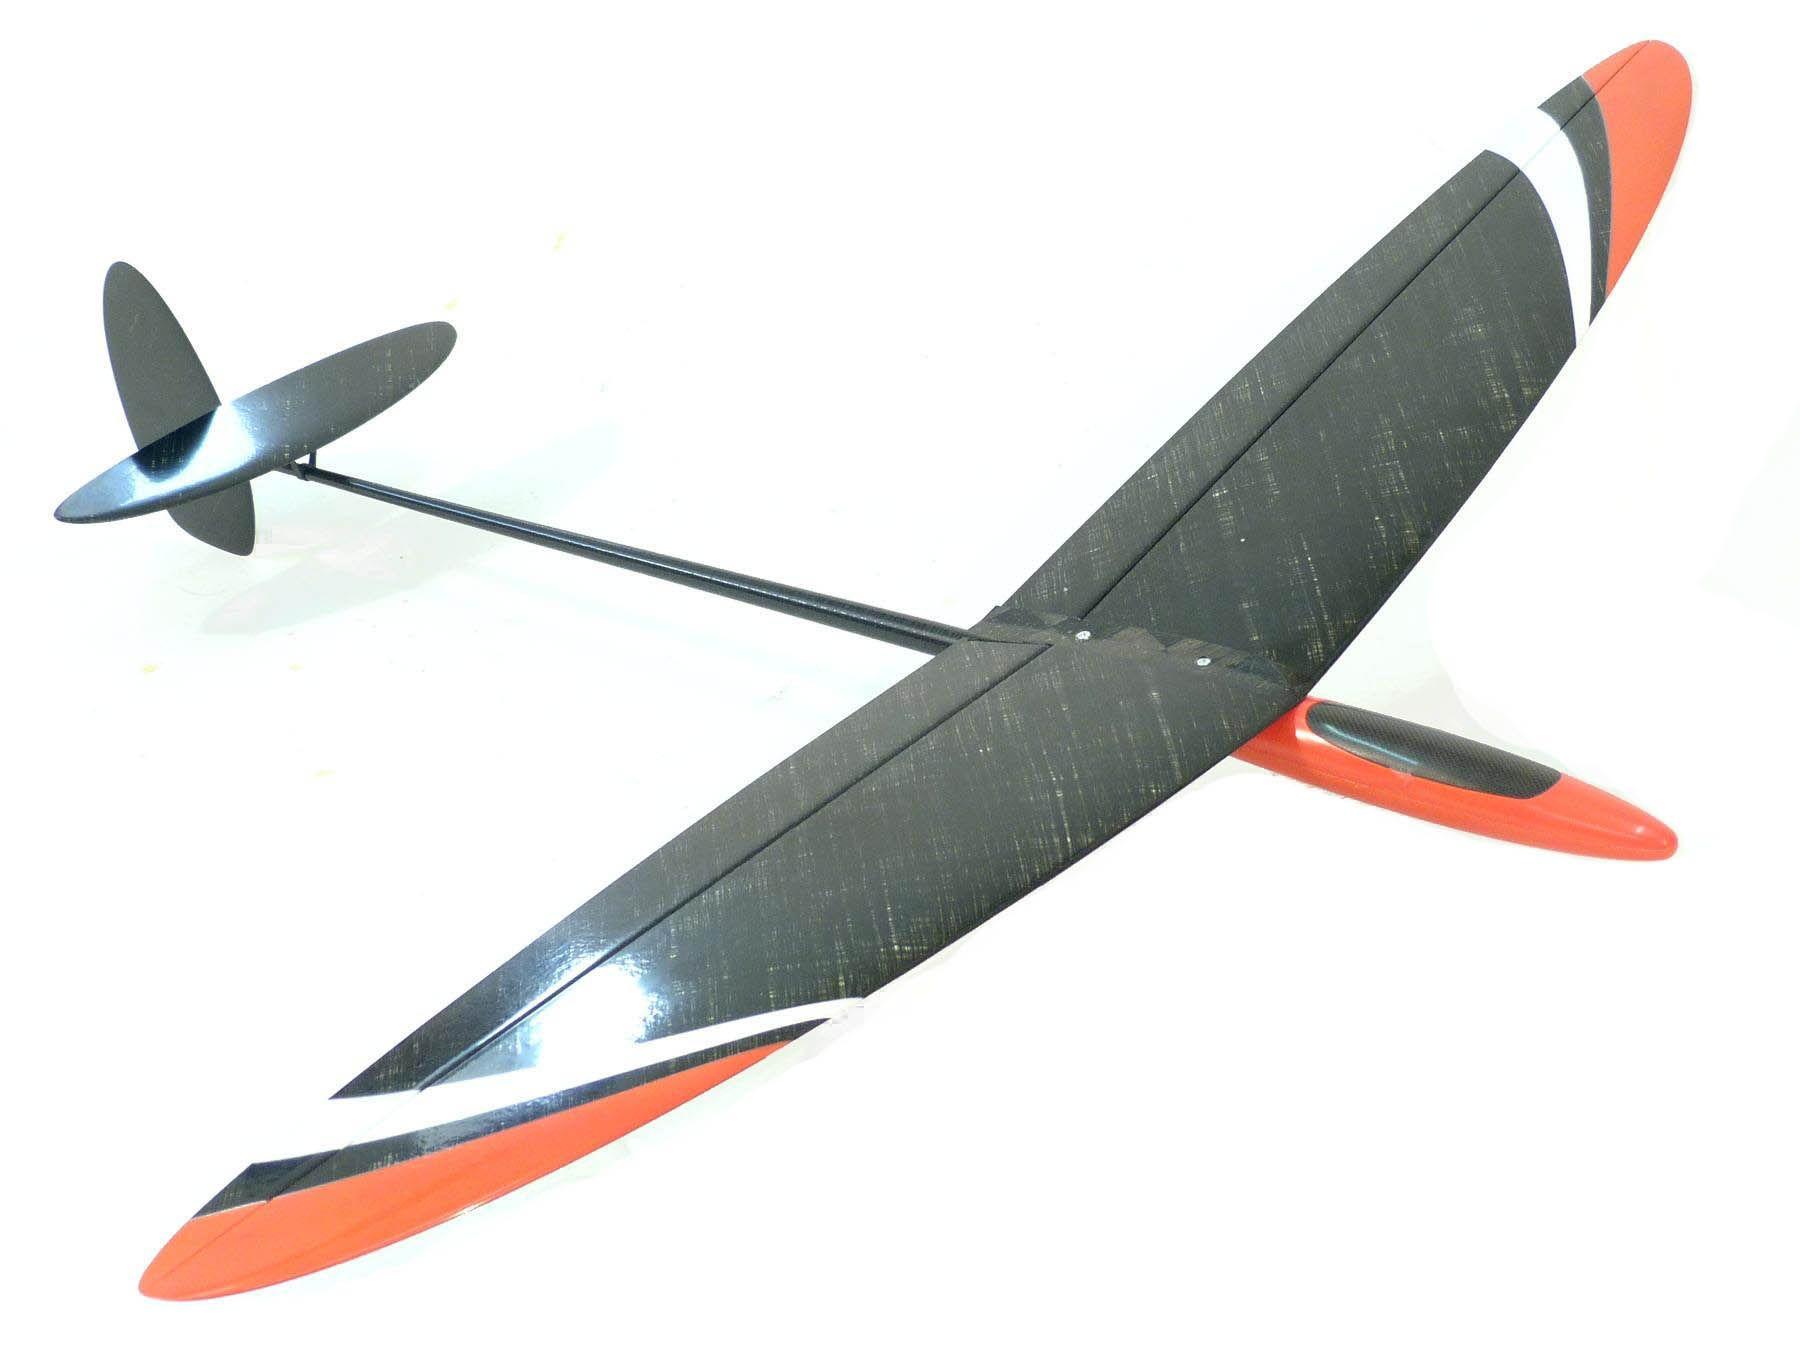 Malibu Pro - RC Models - DLG F3K Hand Launch | Model